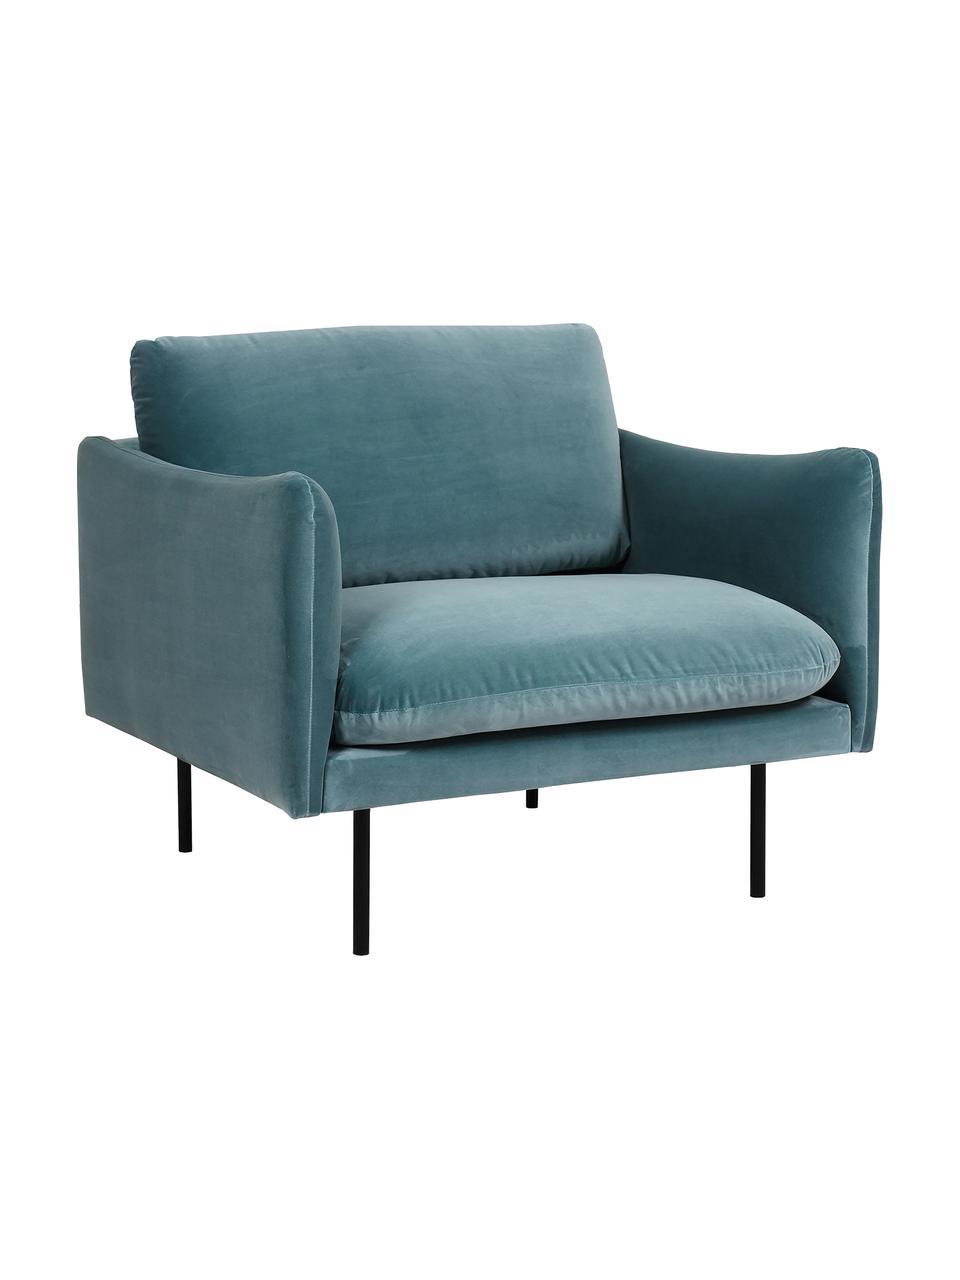 Fluwelen fauteuil Moby in turquoise met metalen poten, Bekleding: fluweel (hoogwaardig poly, Frame: massief grenenhout, Poten: gepoedercoat metaal, Fluweel turquoise, B 90 x D 90 cm